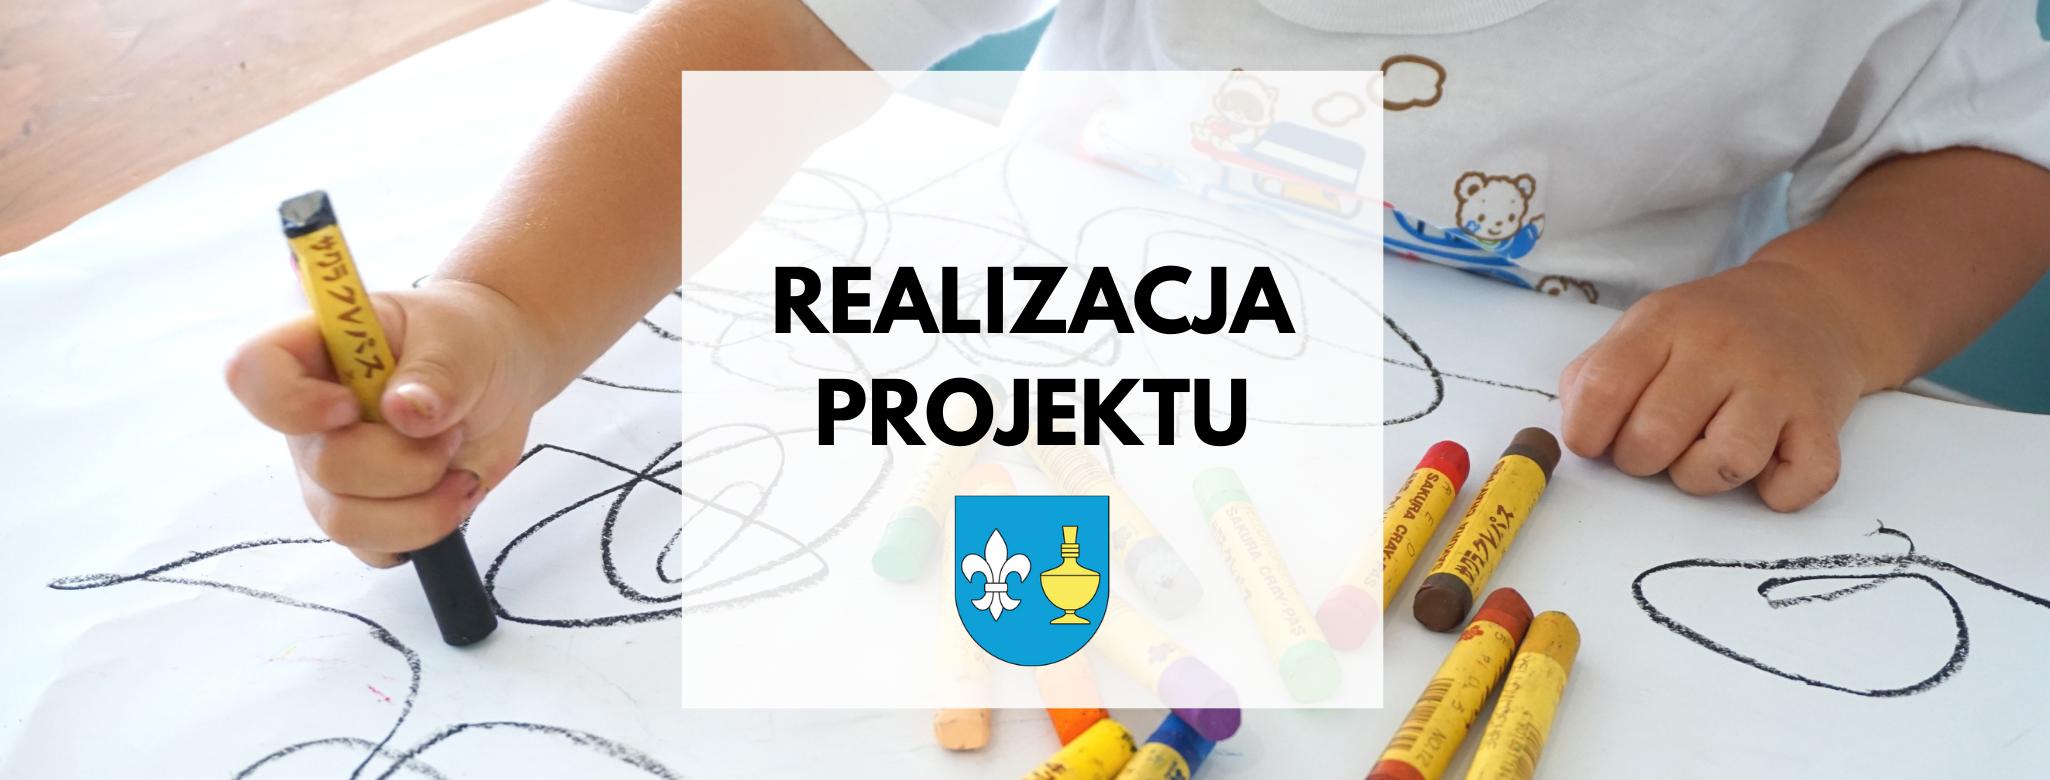 Nagłówek graficzny o treści: realizacja projektu. Grafika: herb gminy Koczała, w tyle rysujące dziecko